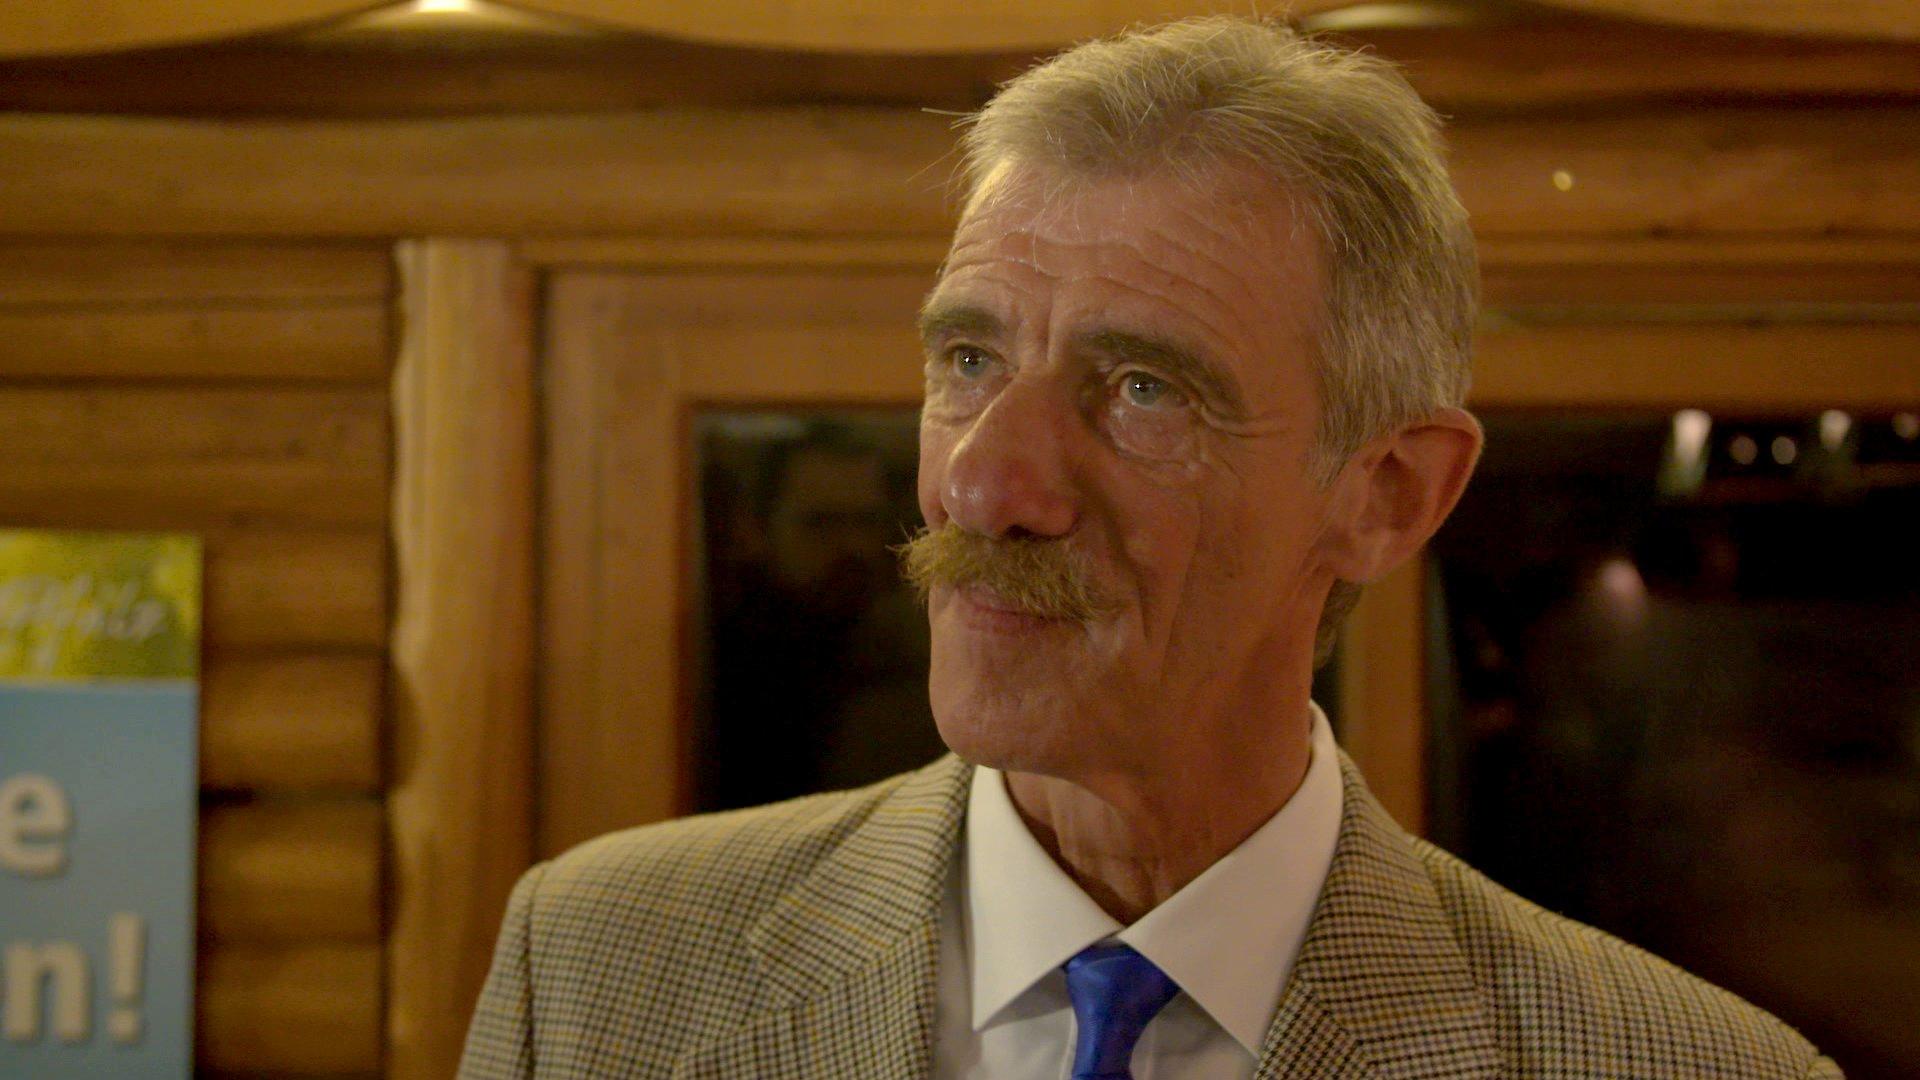 Spitzenkandidat der AfD-Rheinland-Pfalz Uwe Junge im Interview, 2016 (Video)